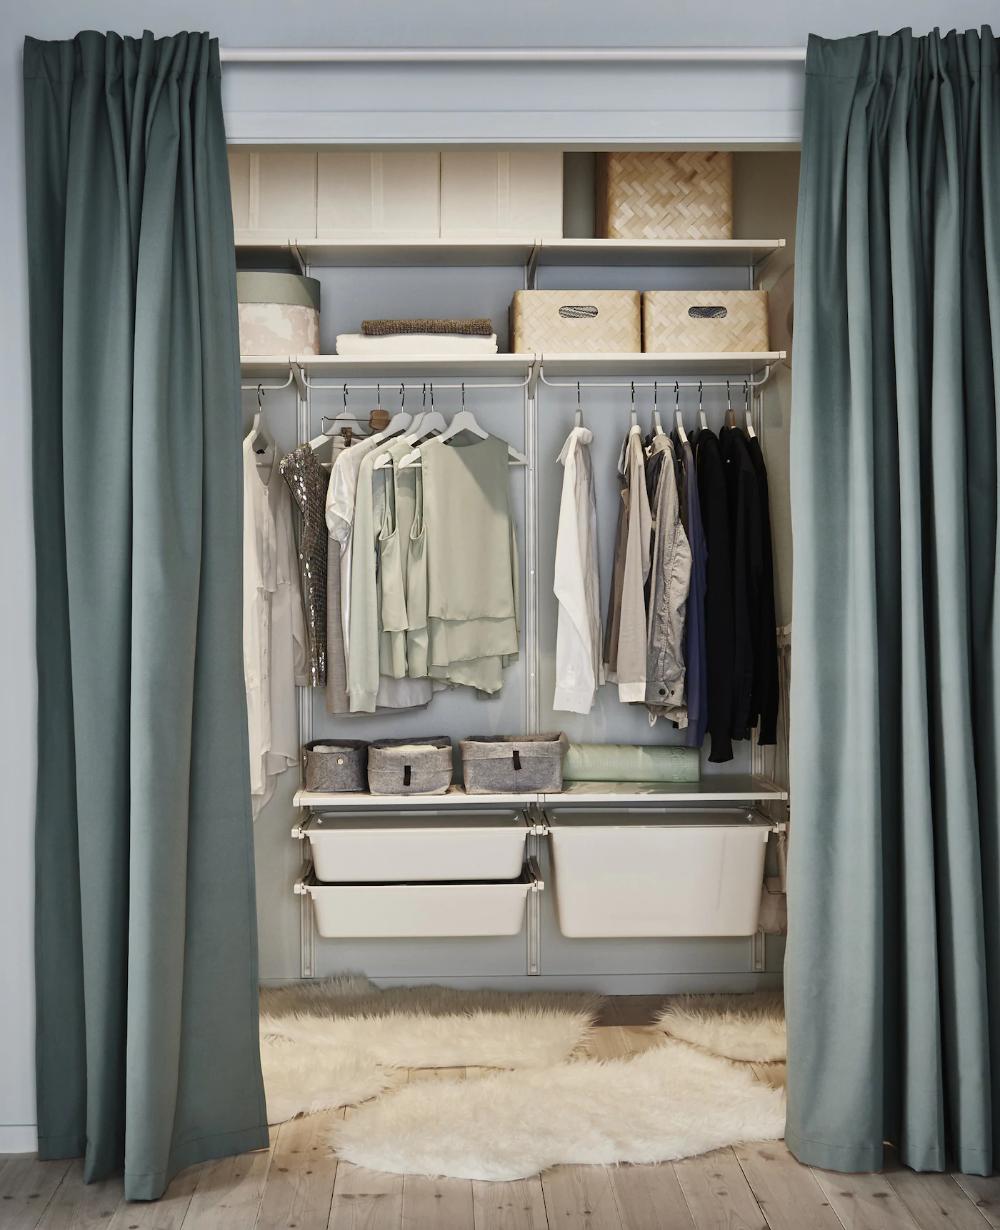 Begehbaren Kleiderschrank Selberbauen In 2020 Begehbarer Kleiderschrank Selber Bauen Begehbarer Kleiderschrank Und Kleiderschrank Selber Bauen